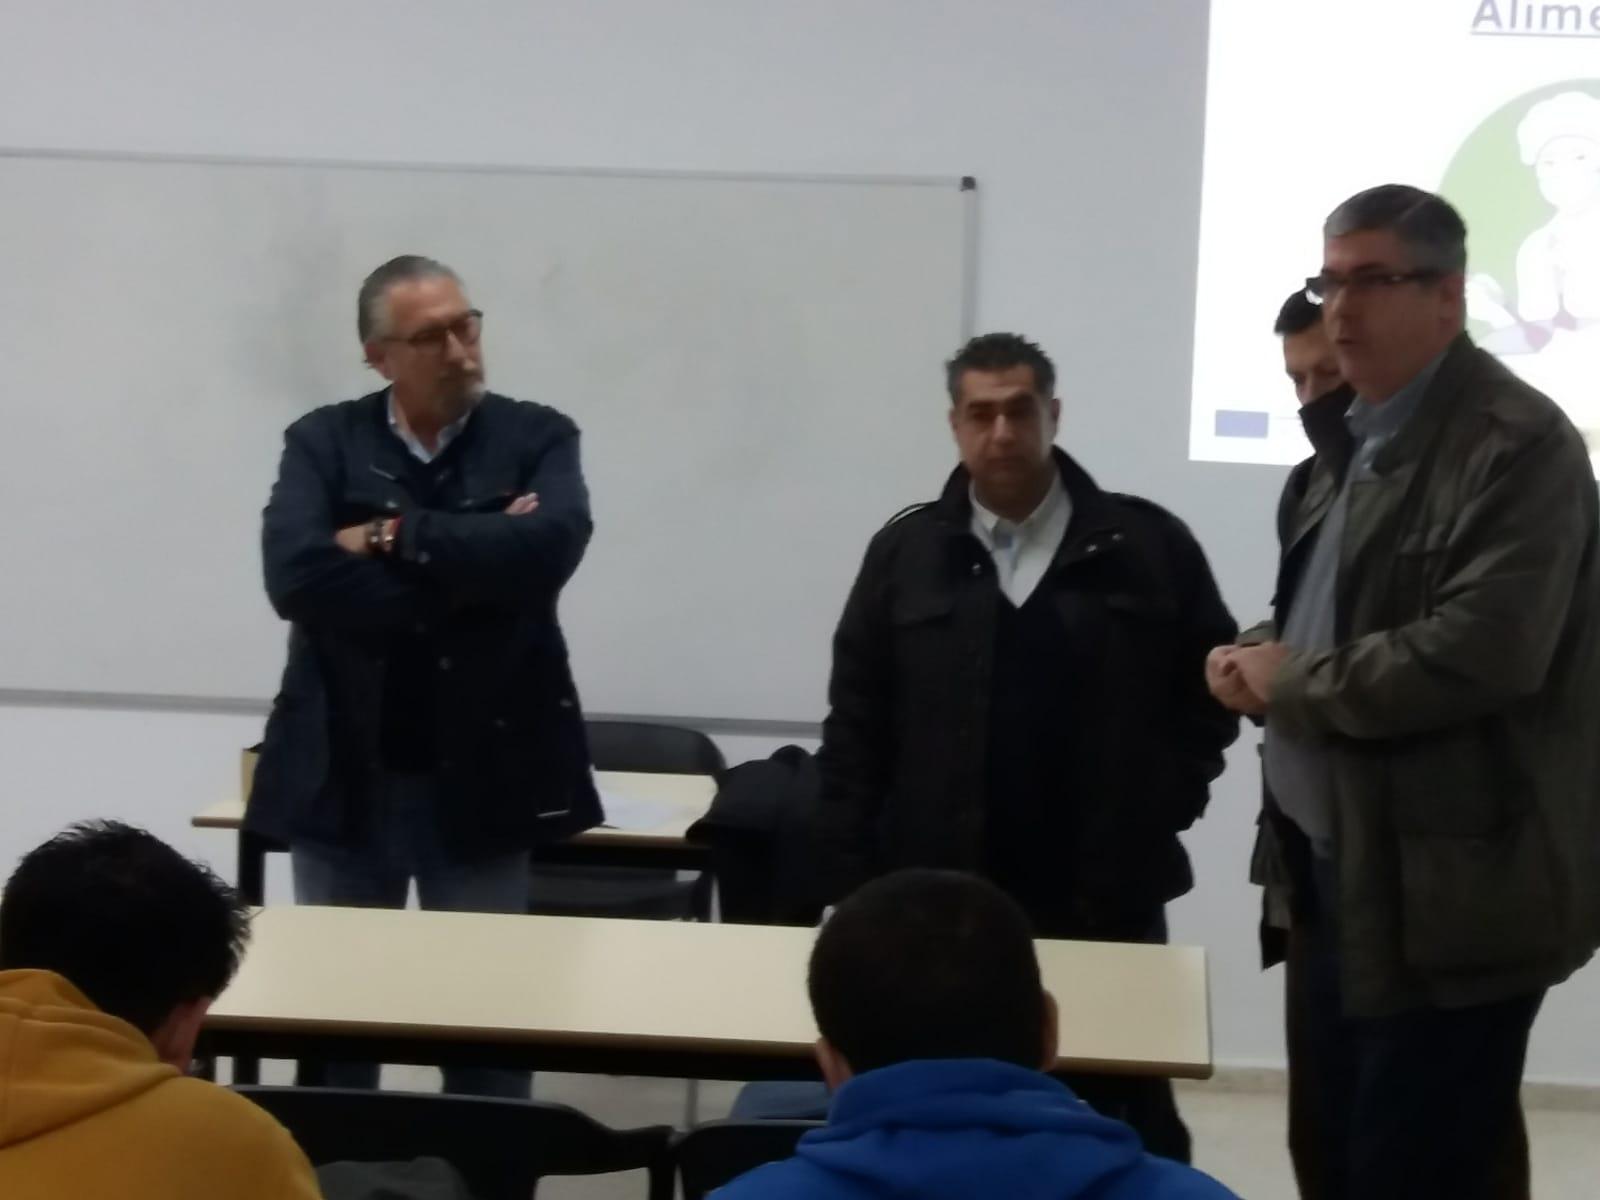 Camarinal entra de lleno en el Programa PICE ( Programa Integral de Cualificación de Empleo) de la Cámara del Campo de Gibraltar para Jóvenes desempleados